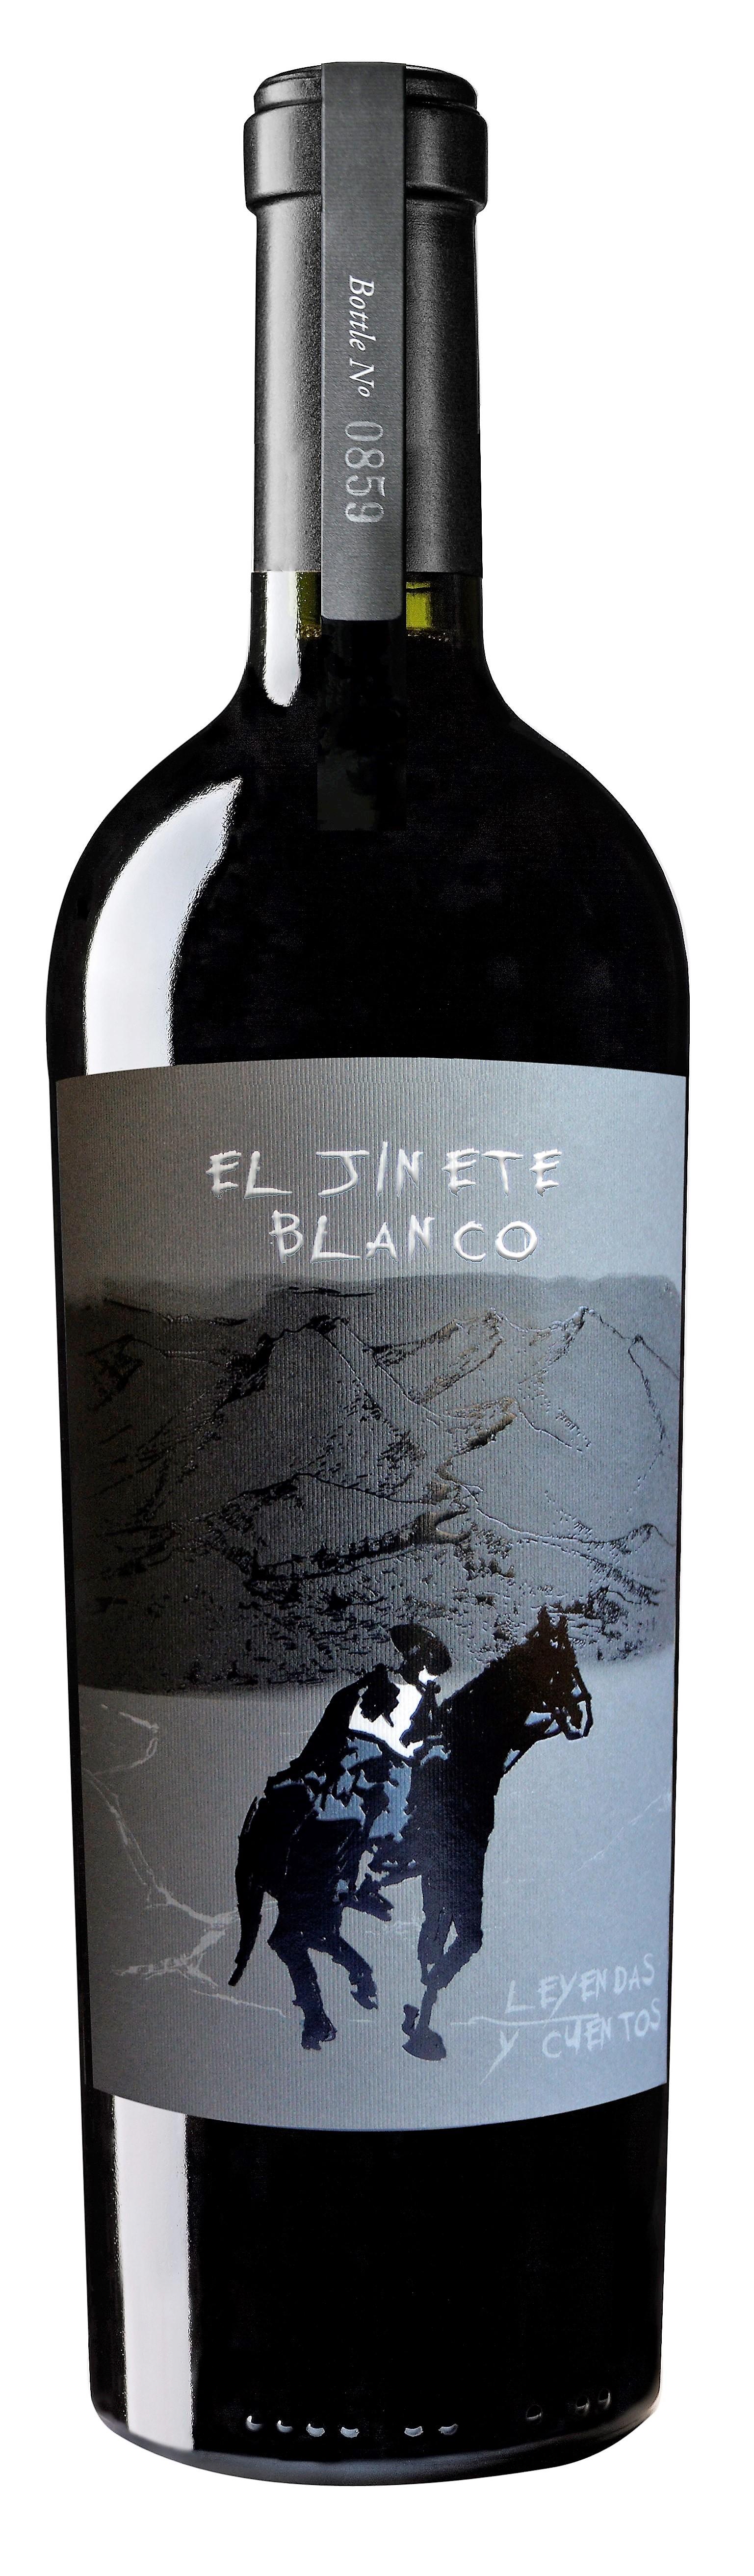 Bianchi - Jinete Blanco